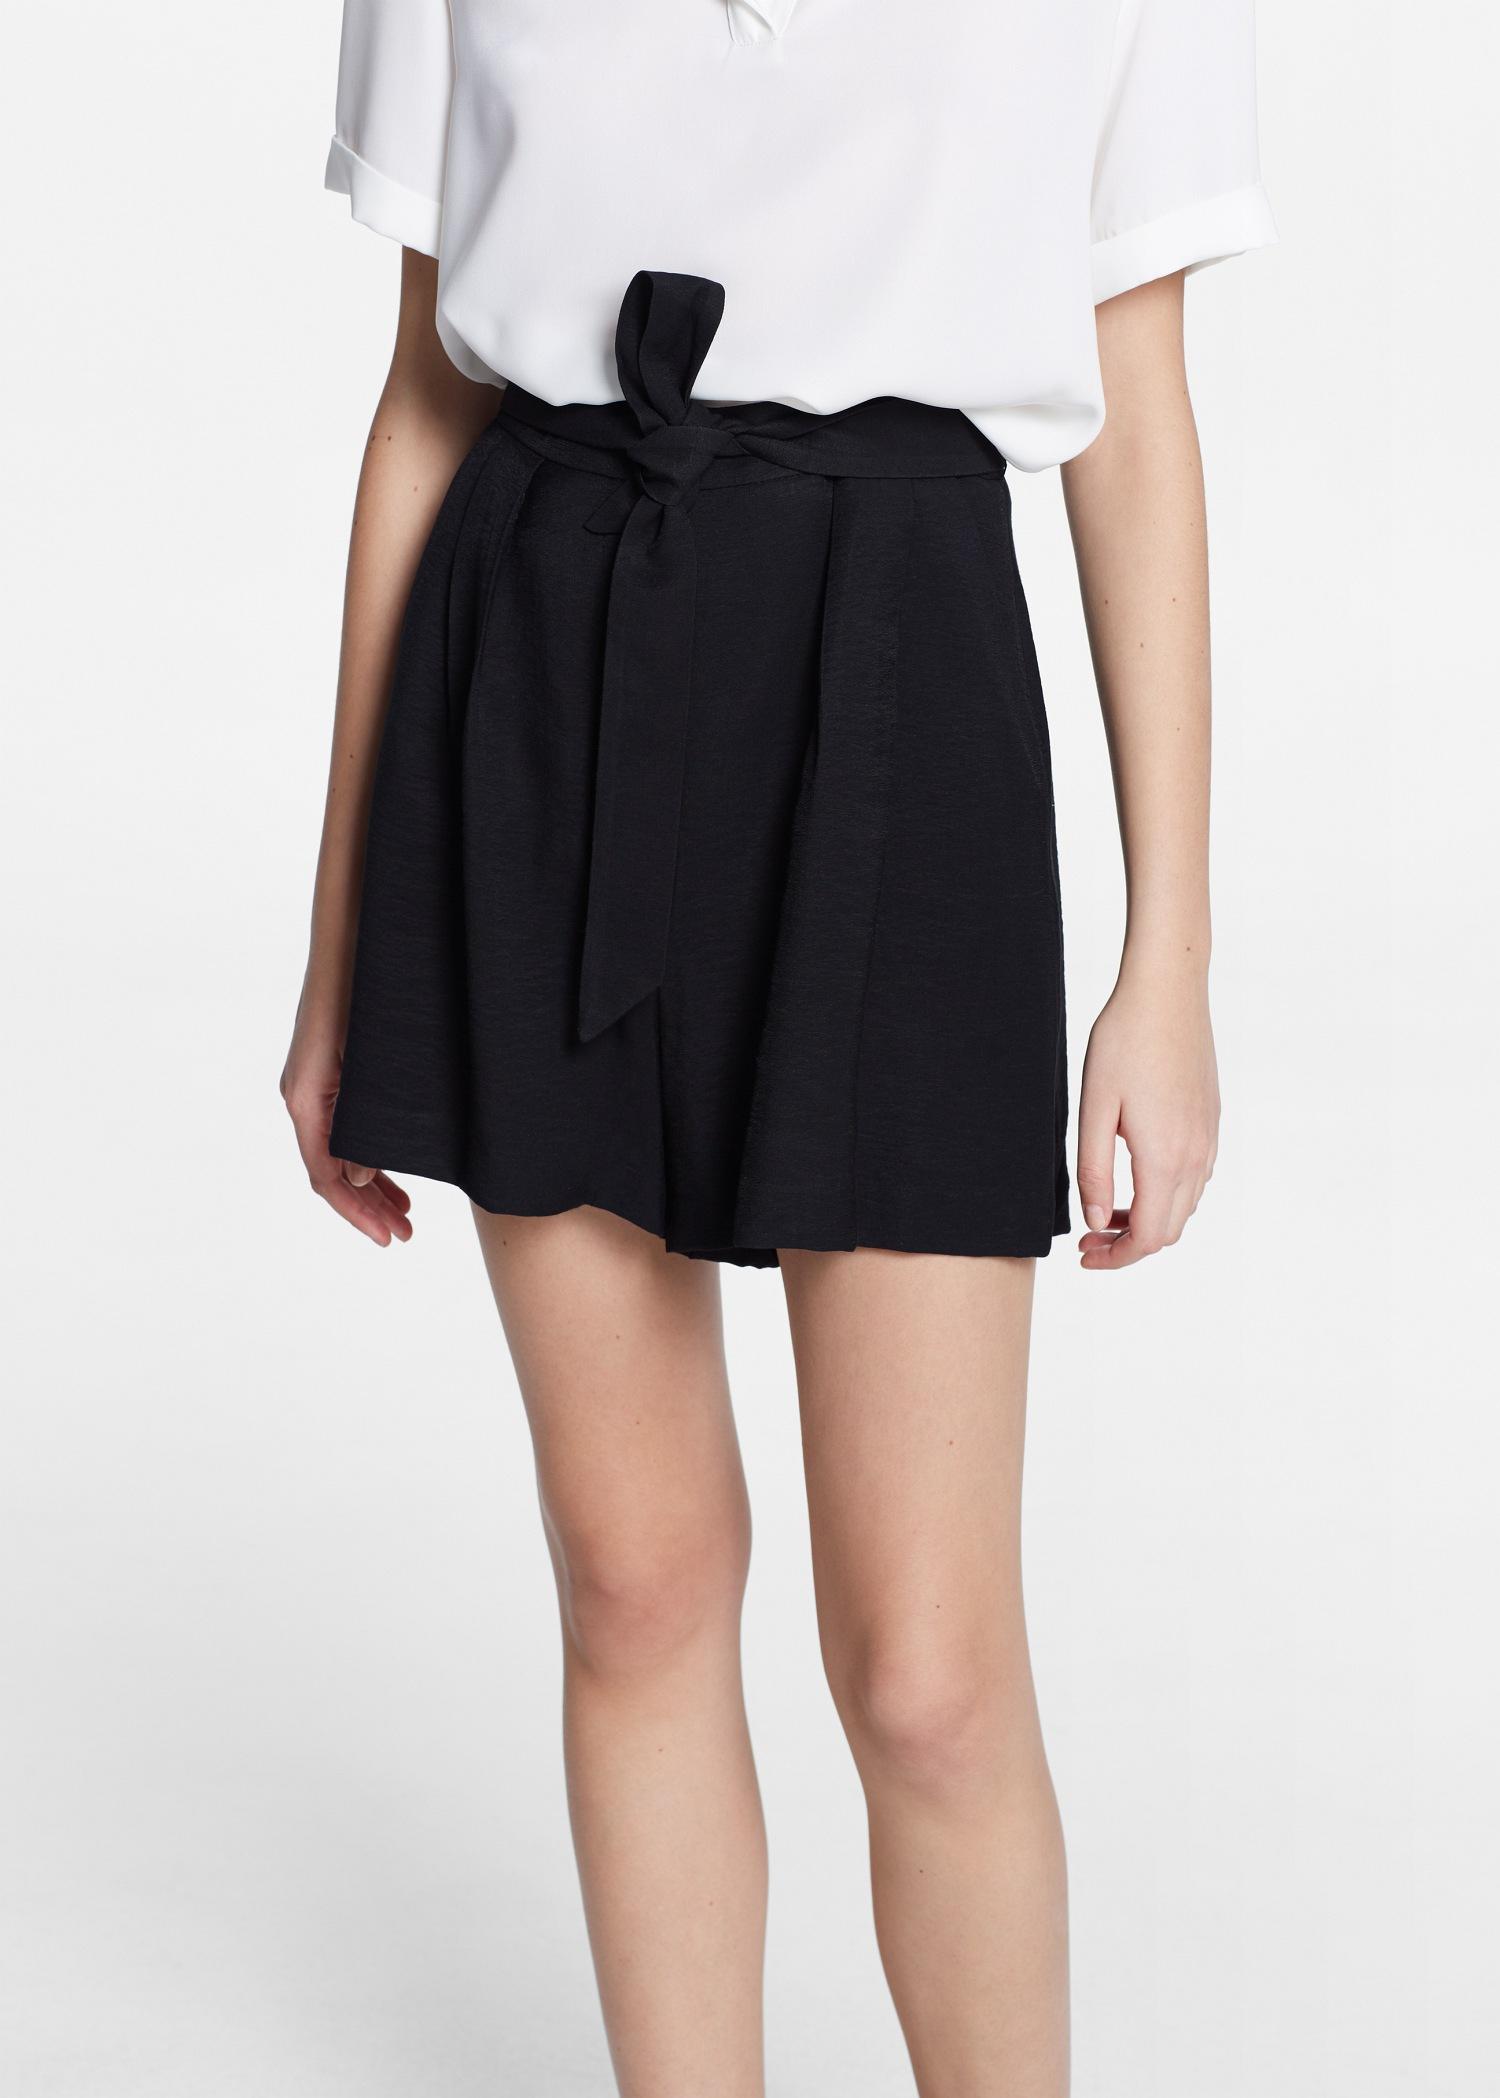 Mango Bow Flowy Shorts in Black | Lyst